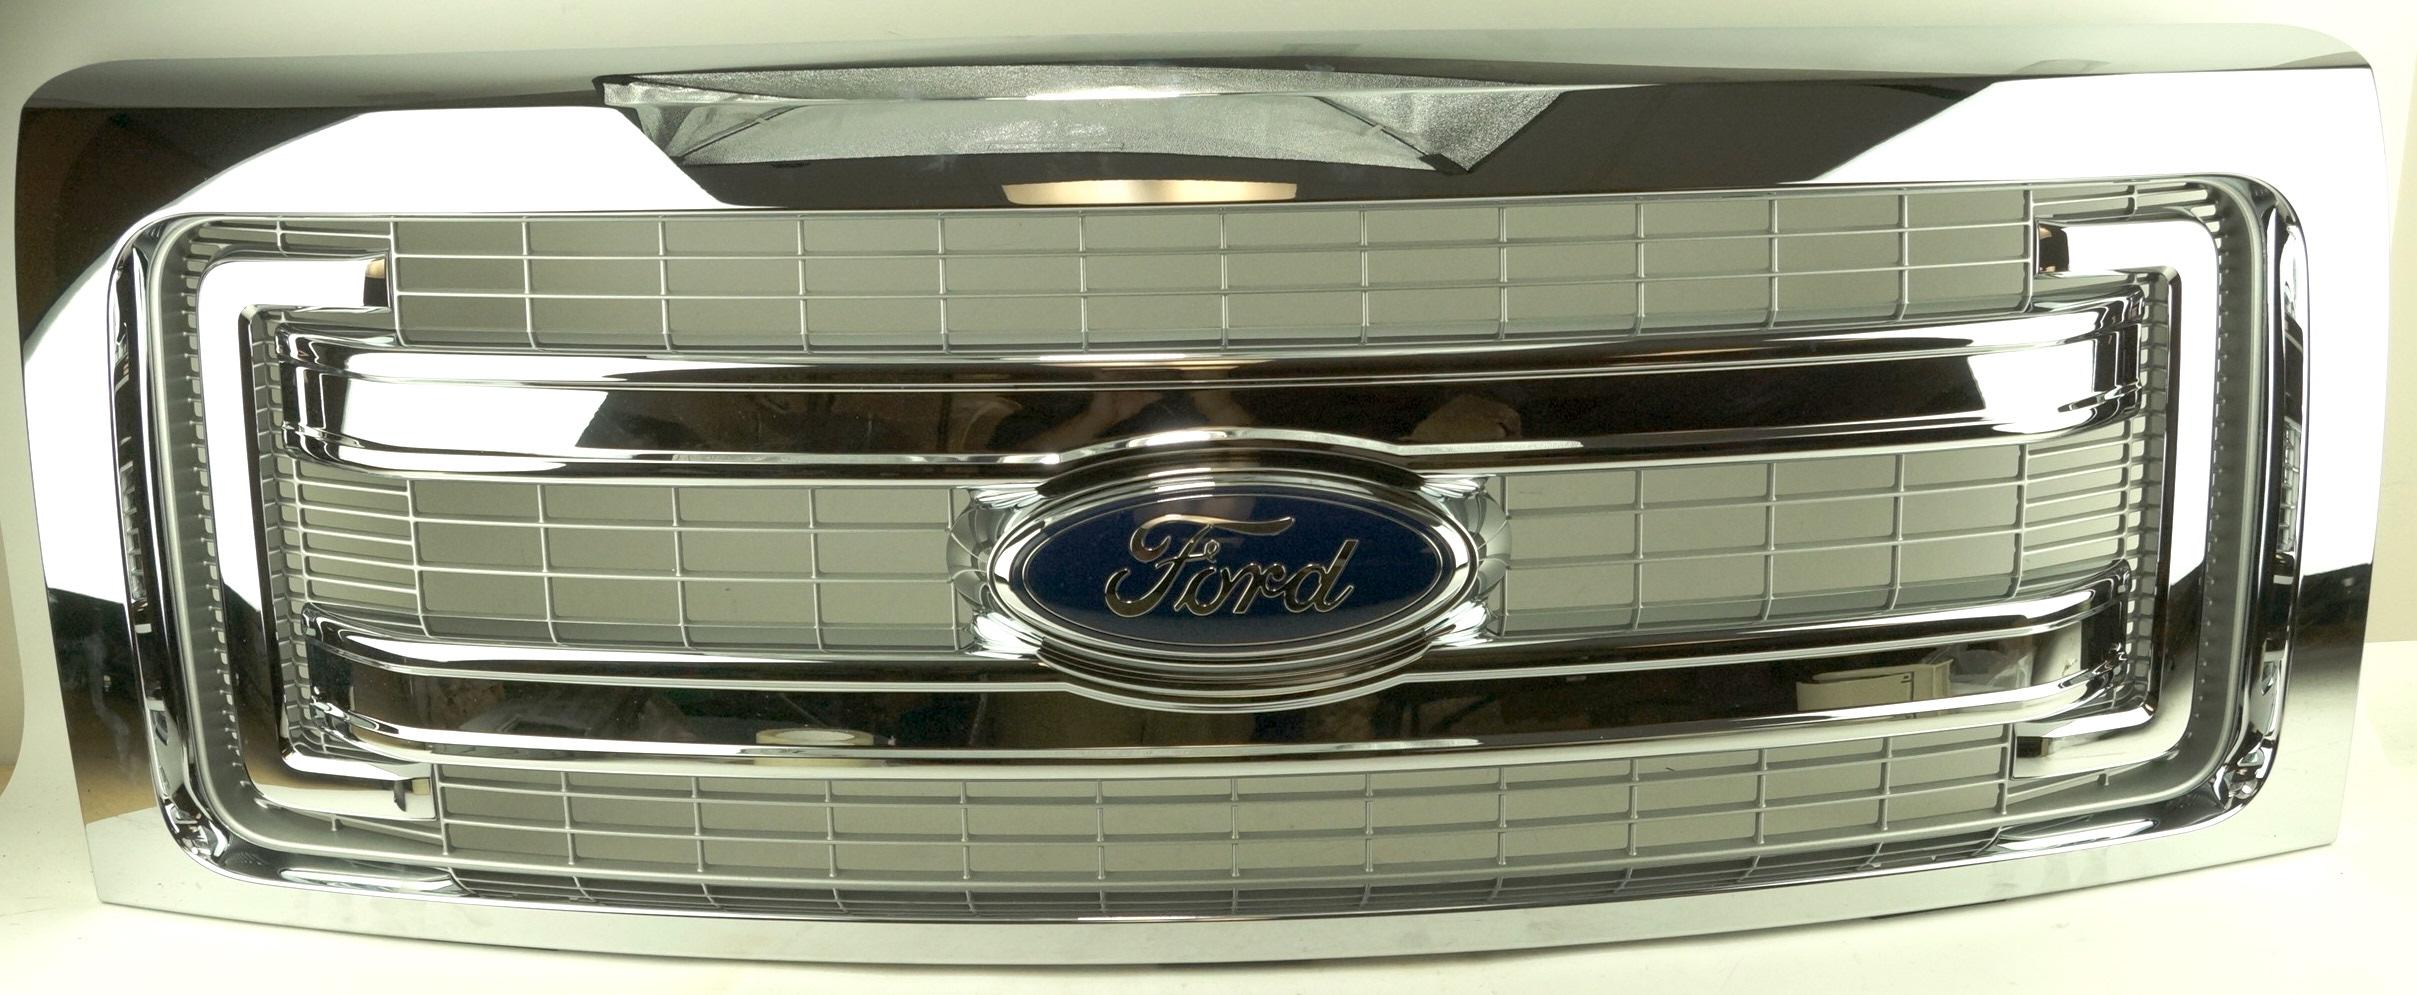 New Genuine OEM DL3Z8200BA Ford Front Grille Assembly w/ Emblem 09-14 F-150 XLT - image 1